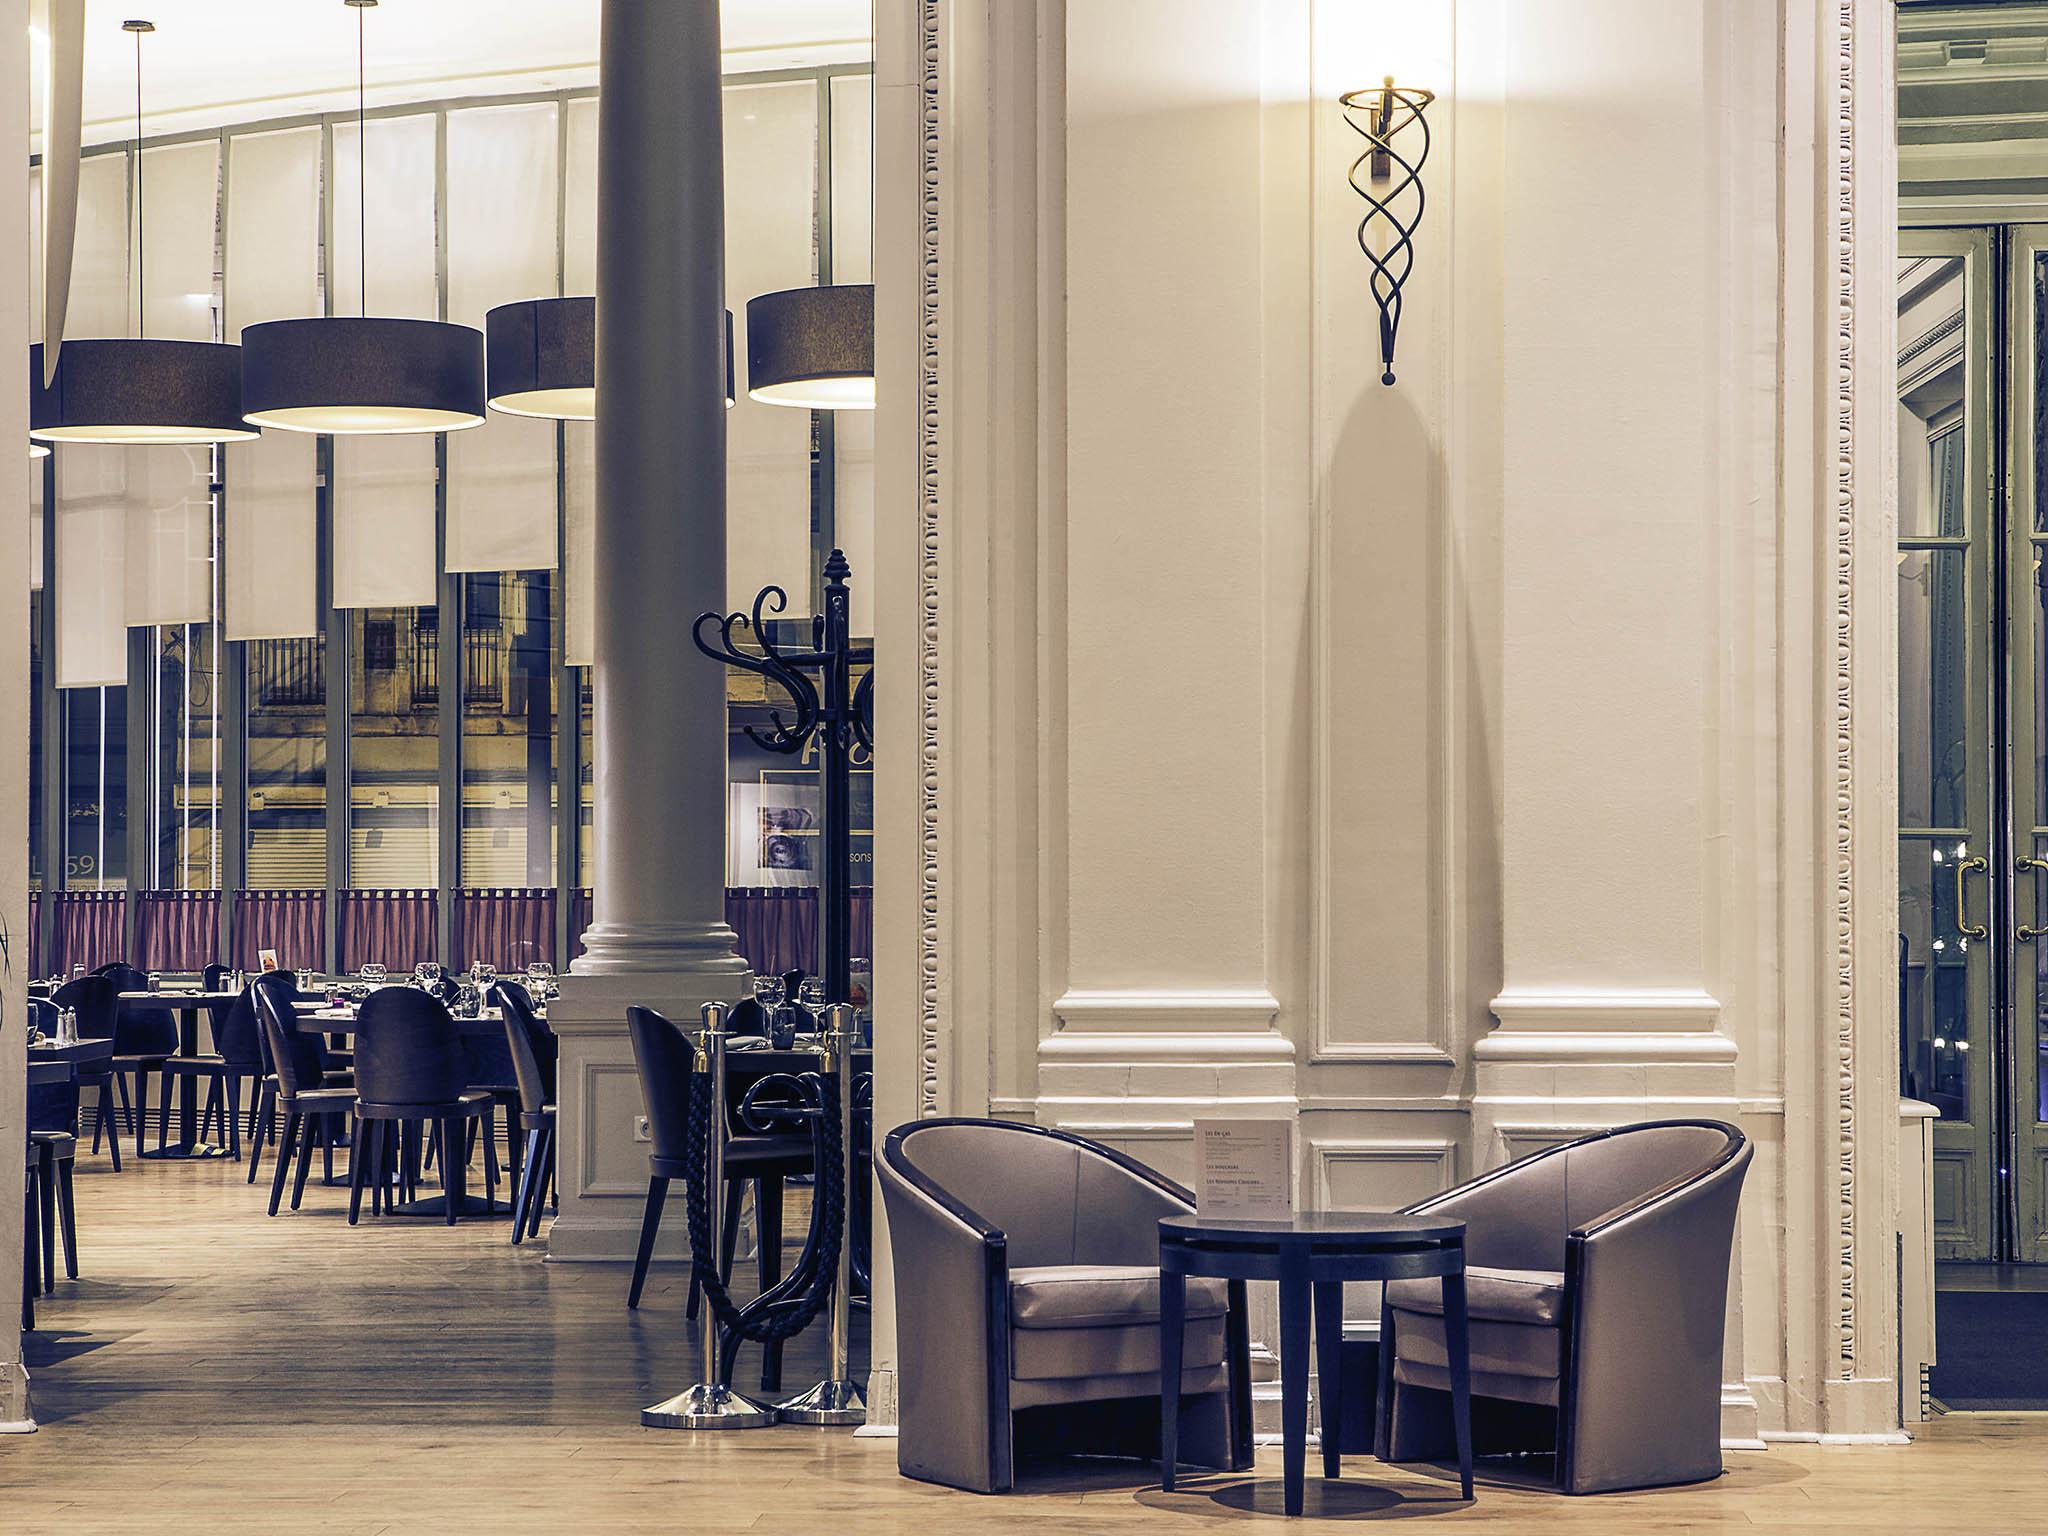 Hotel – Hôtel Mercure Lille Roubaix Grand Hôtel